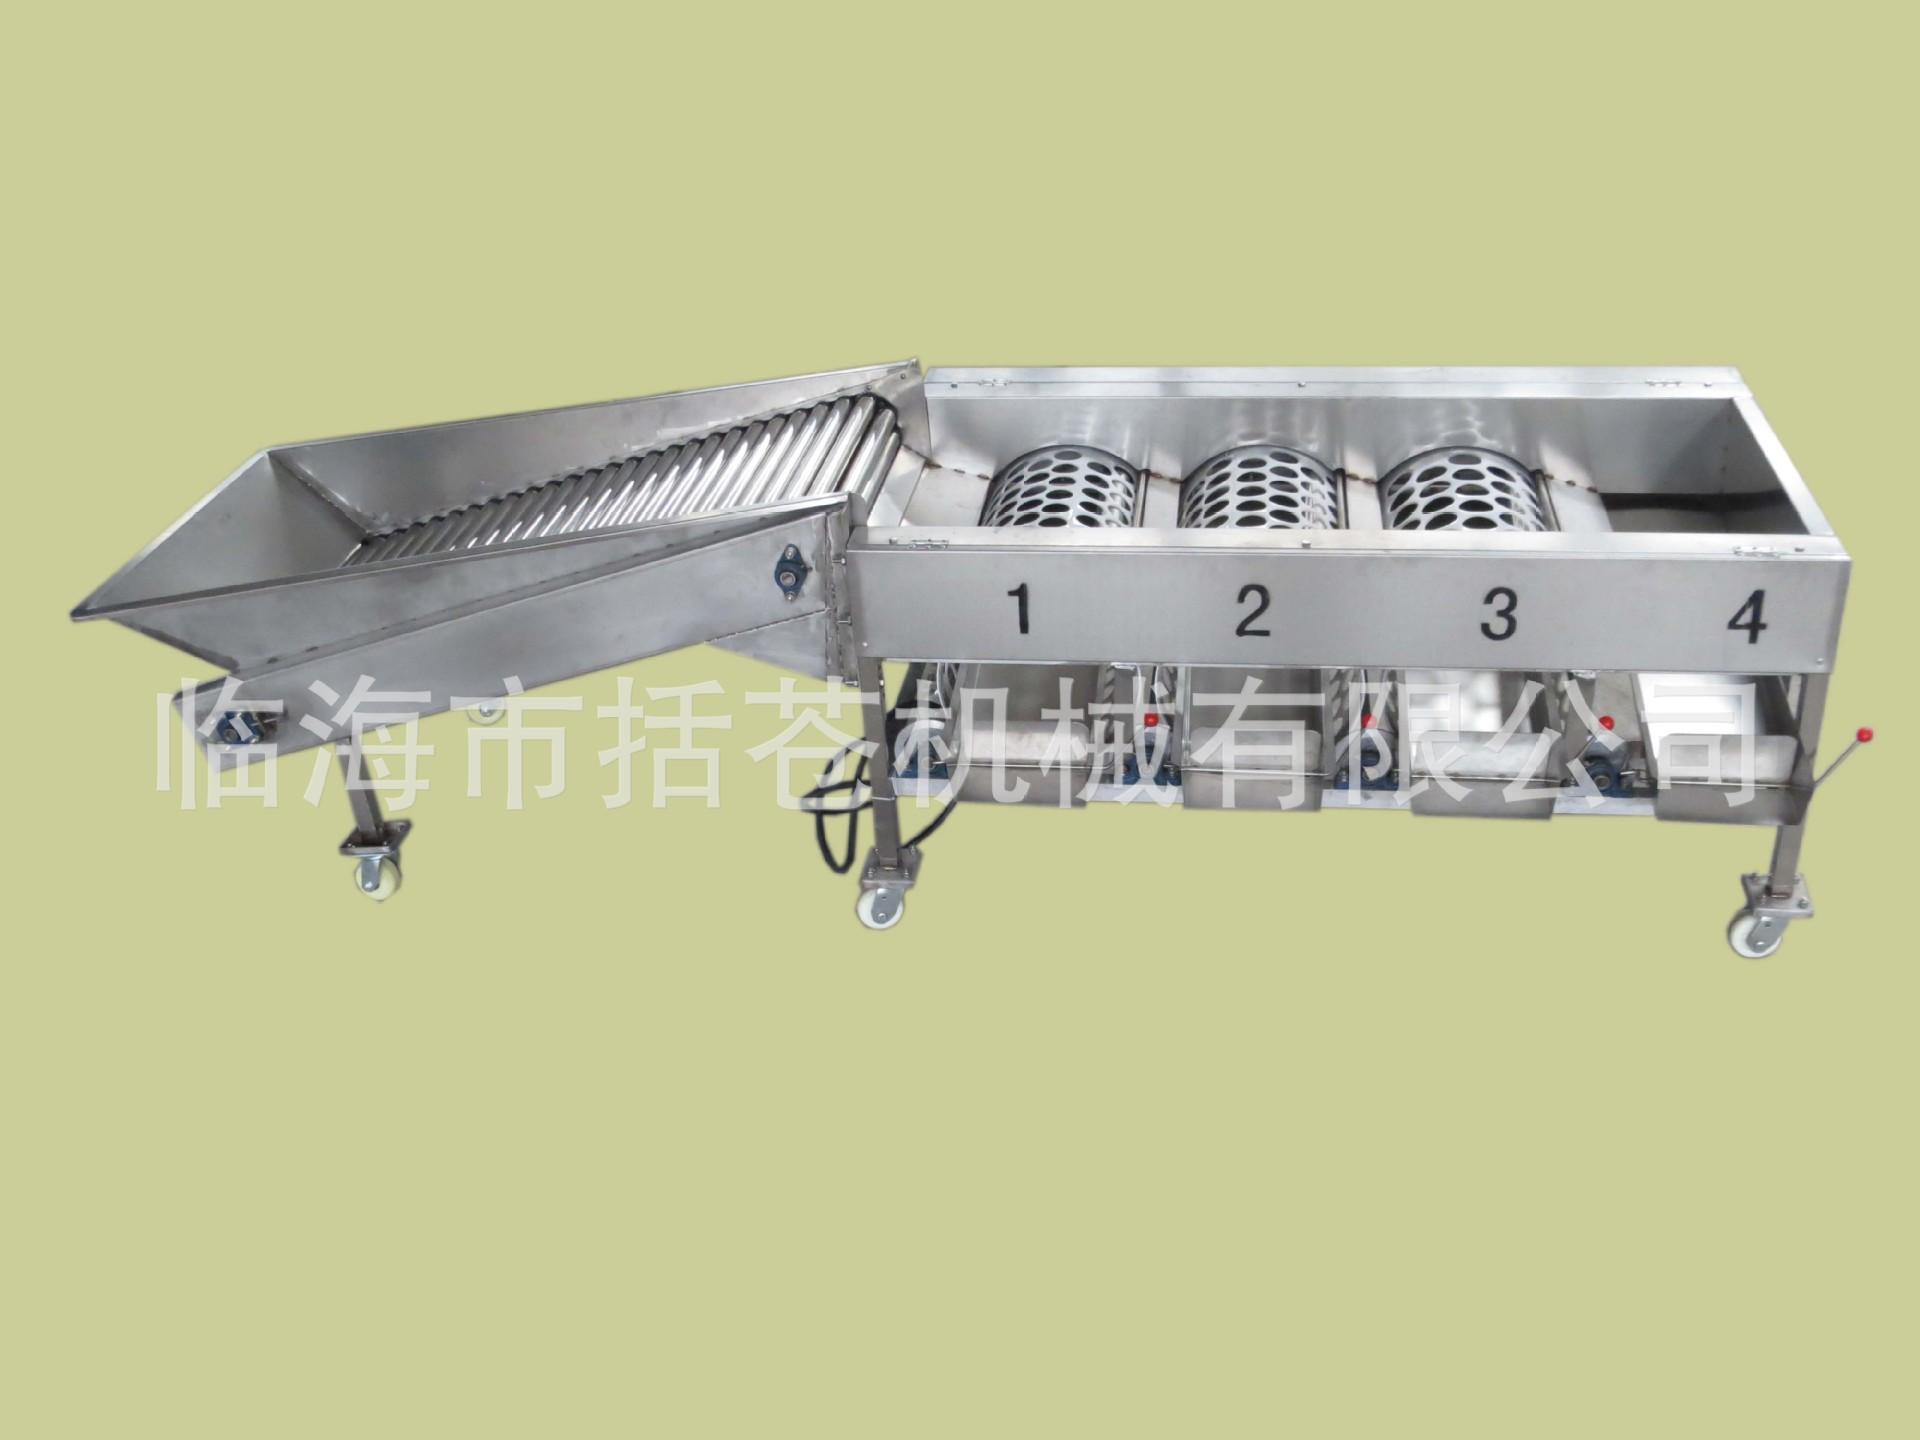 现货供应 不锈钢材质水果分级机 3桶4级1 多功能水果分级机